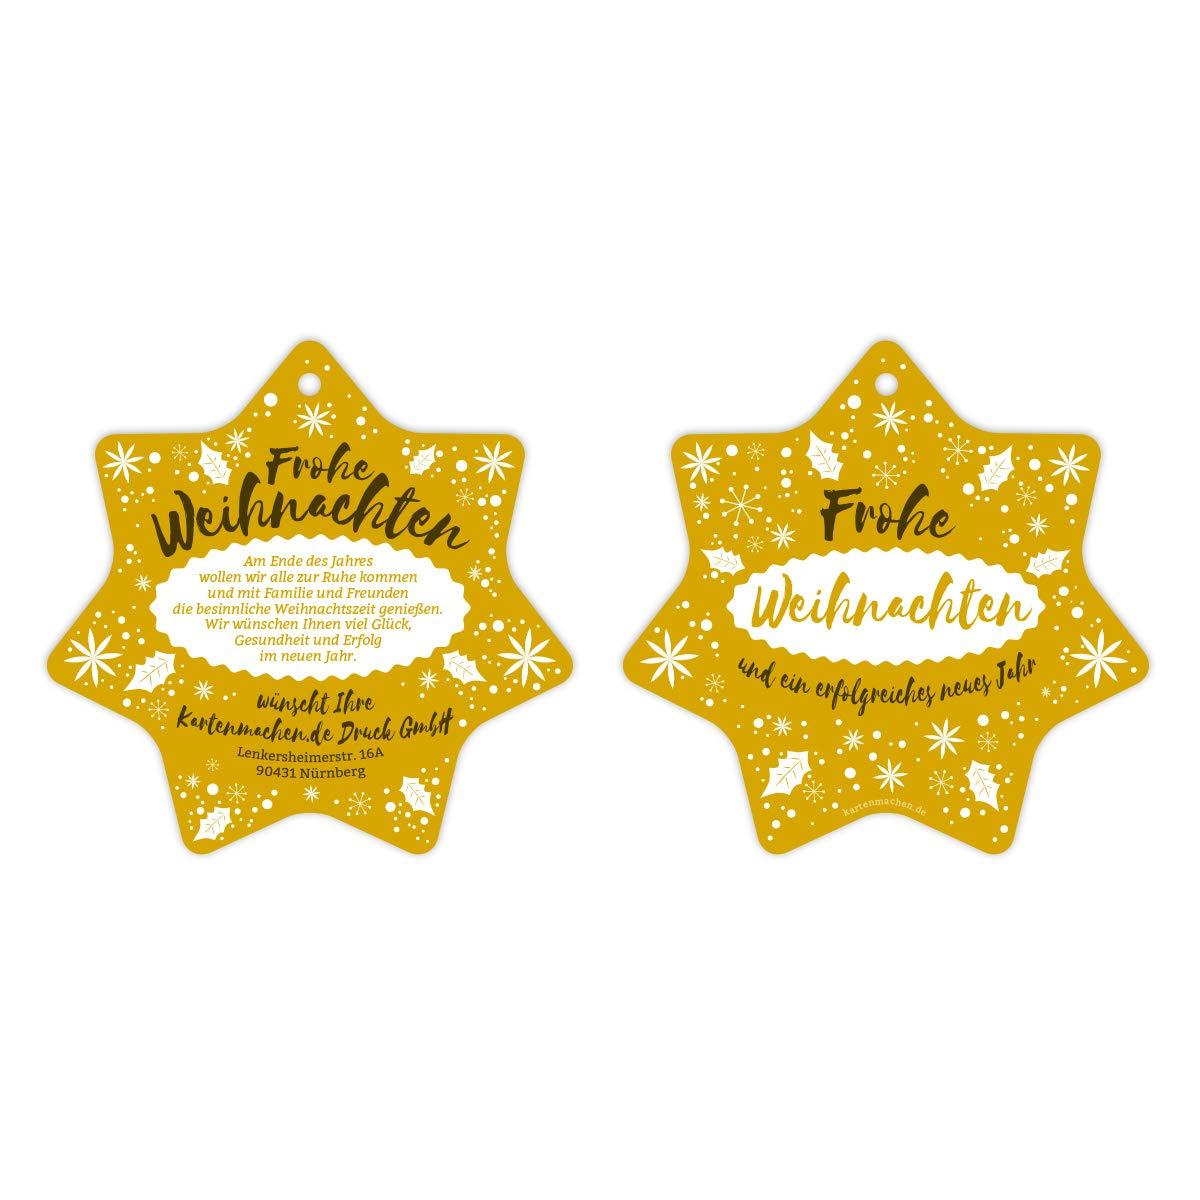 40 x Lasergeschnittene Firmen Weihnachtskarten Grußkarten individuell Weihnachten - Weihnachtsstern Schlicht in Gelb B07KYM7TRL | Verpackungsvielfalt  | Kompletter Spezifikationsbereich  | Angenehmes Aussehen